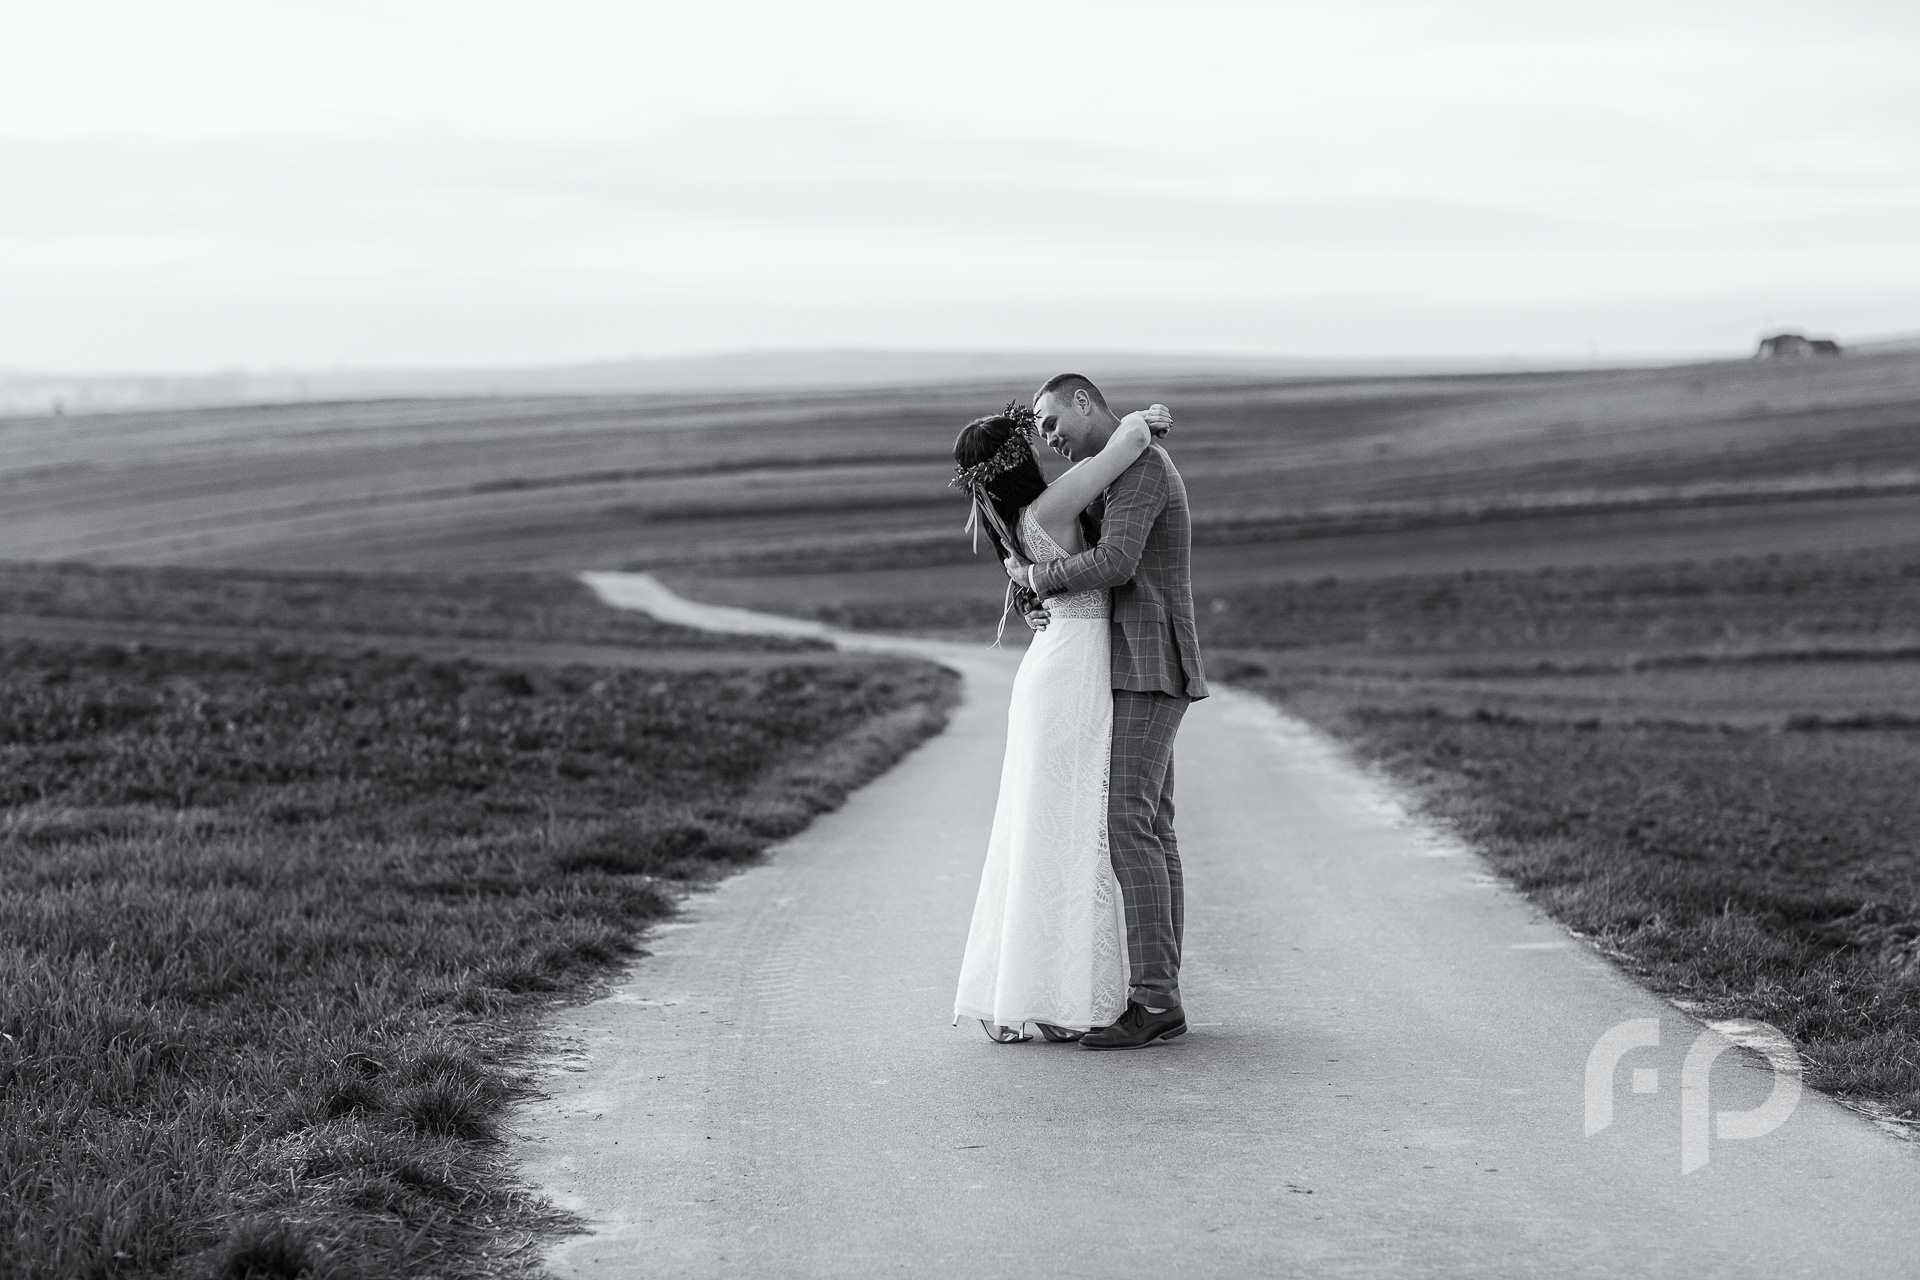 zdjęcie ślubne na krętej niekończącej się drodze